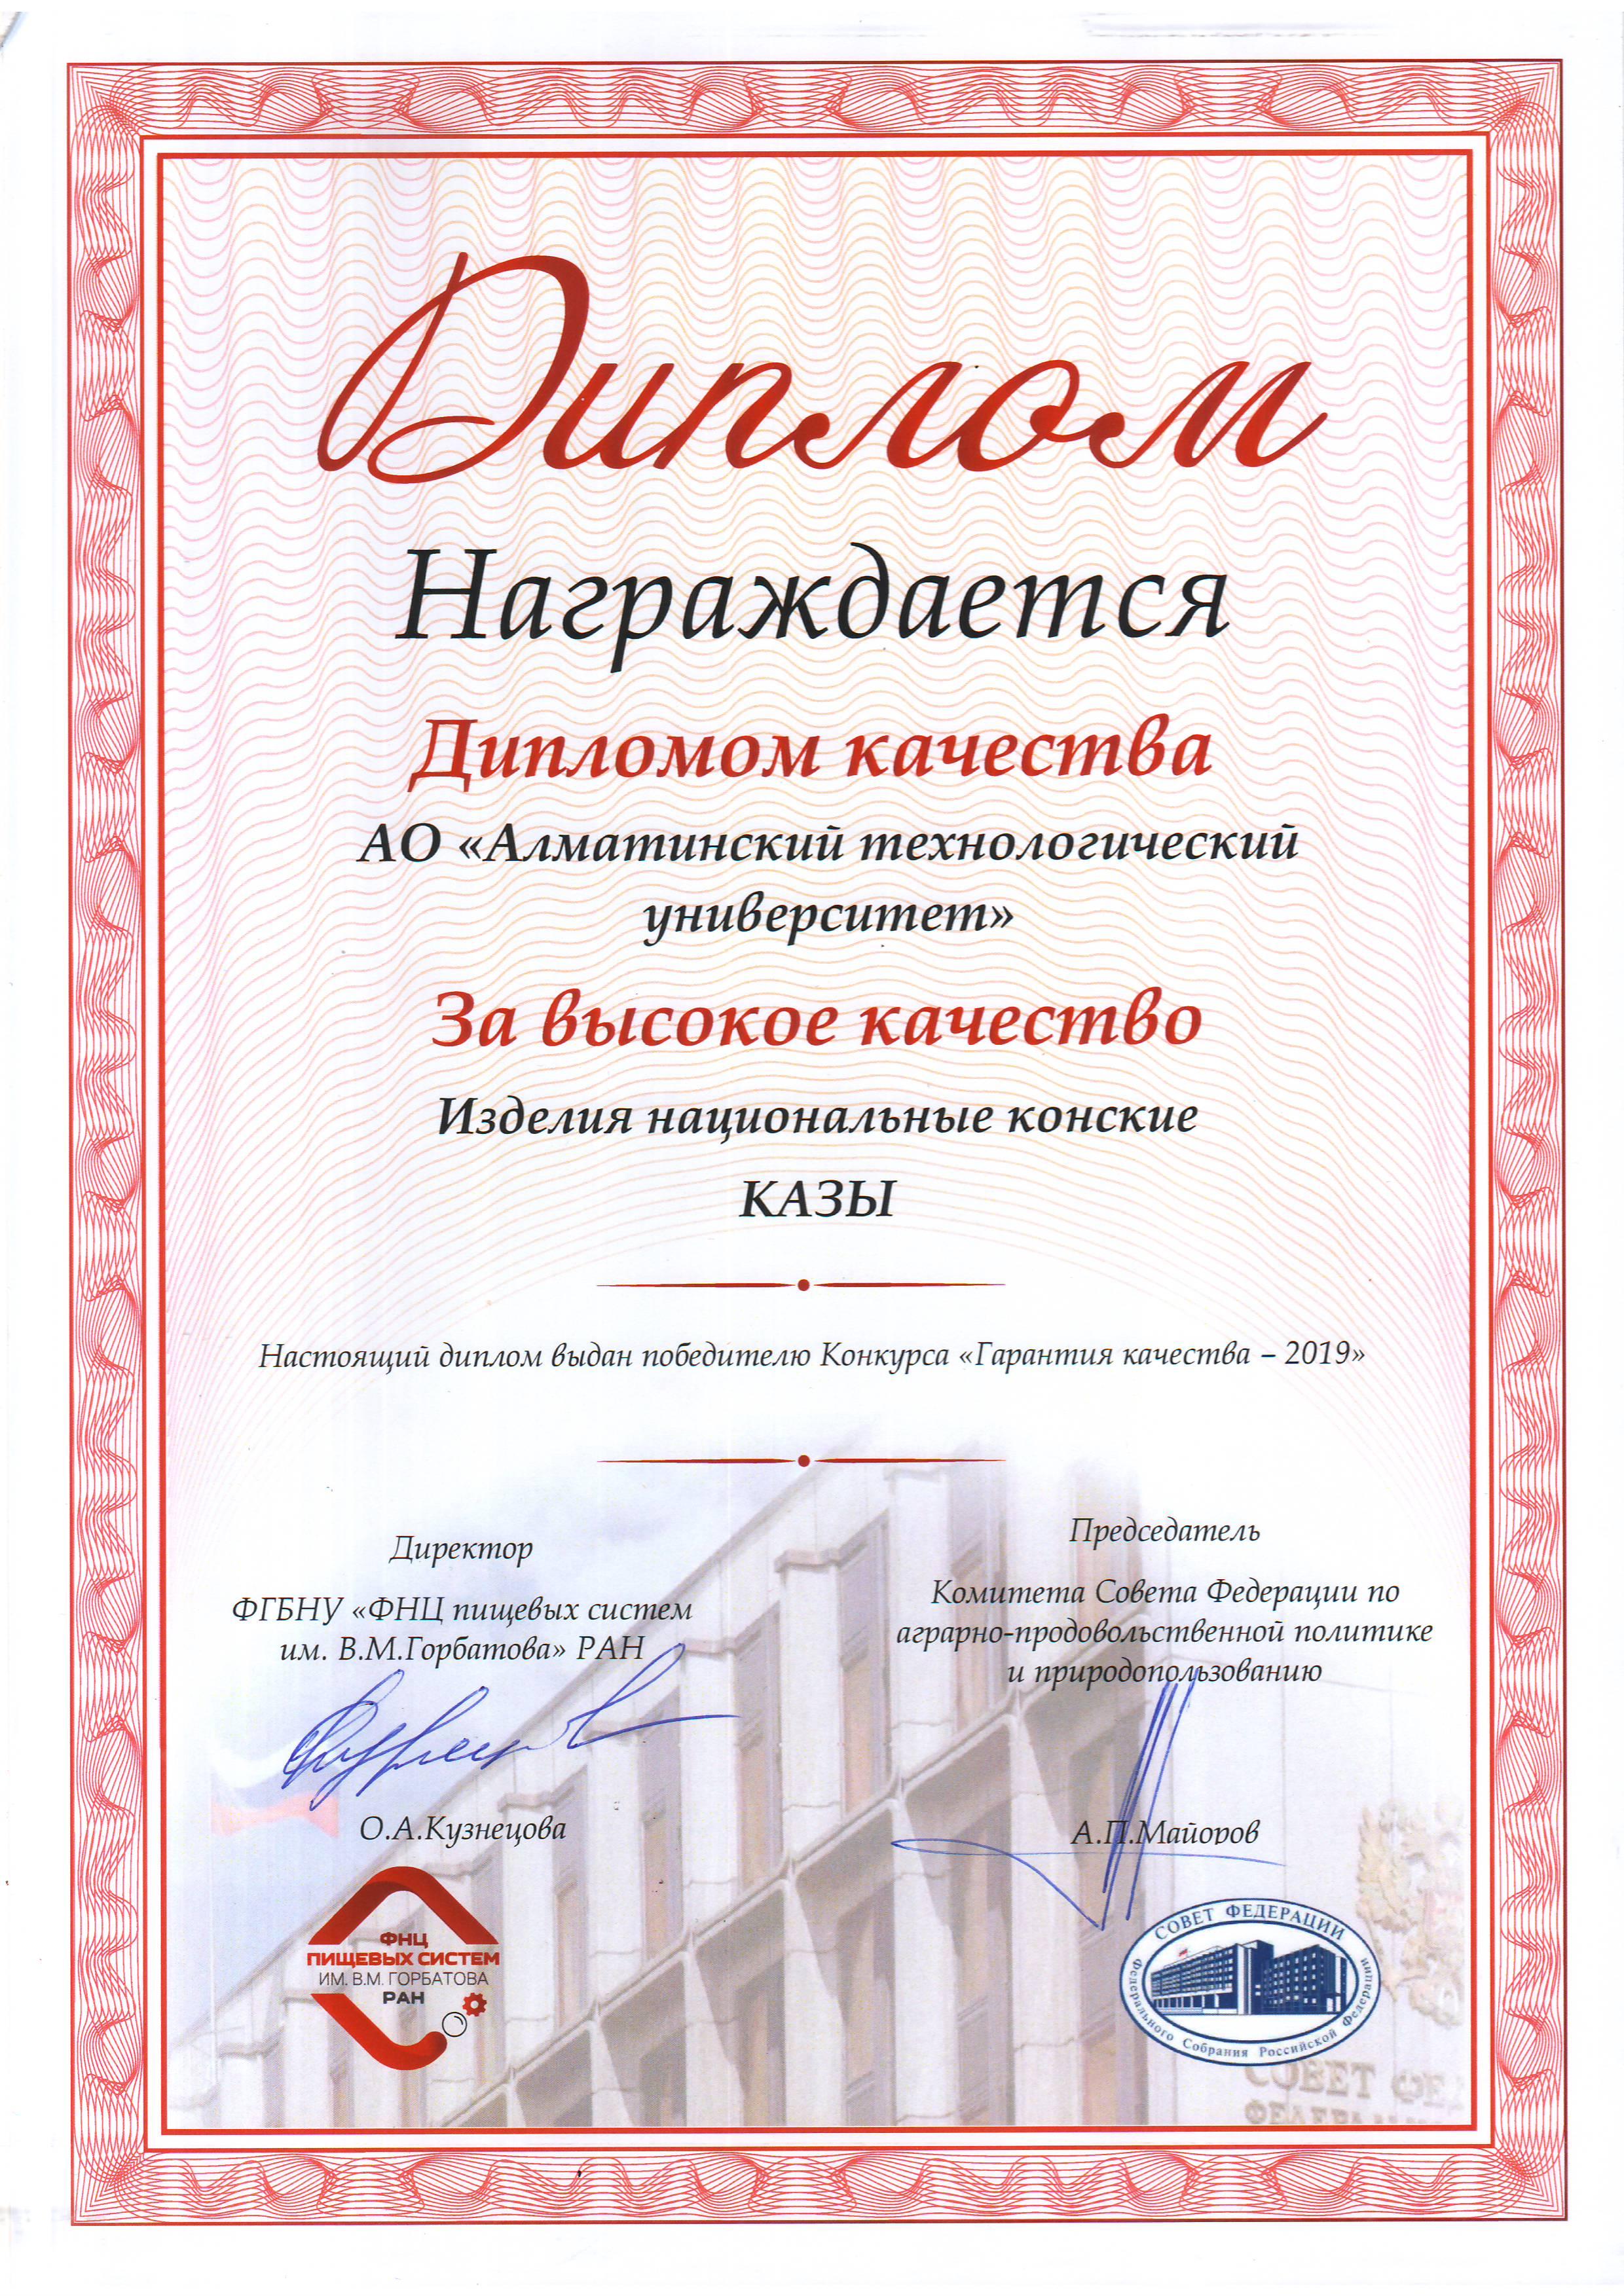 Поздравляем коллектив авторов АТУ с награждением